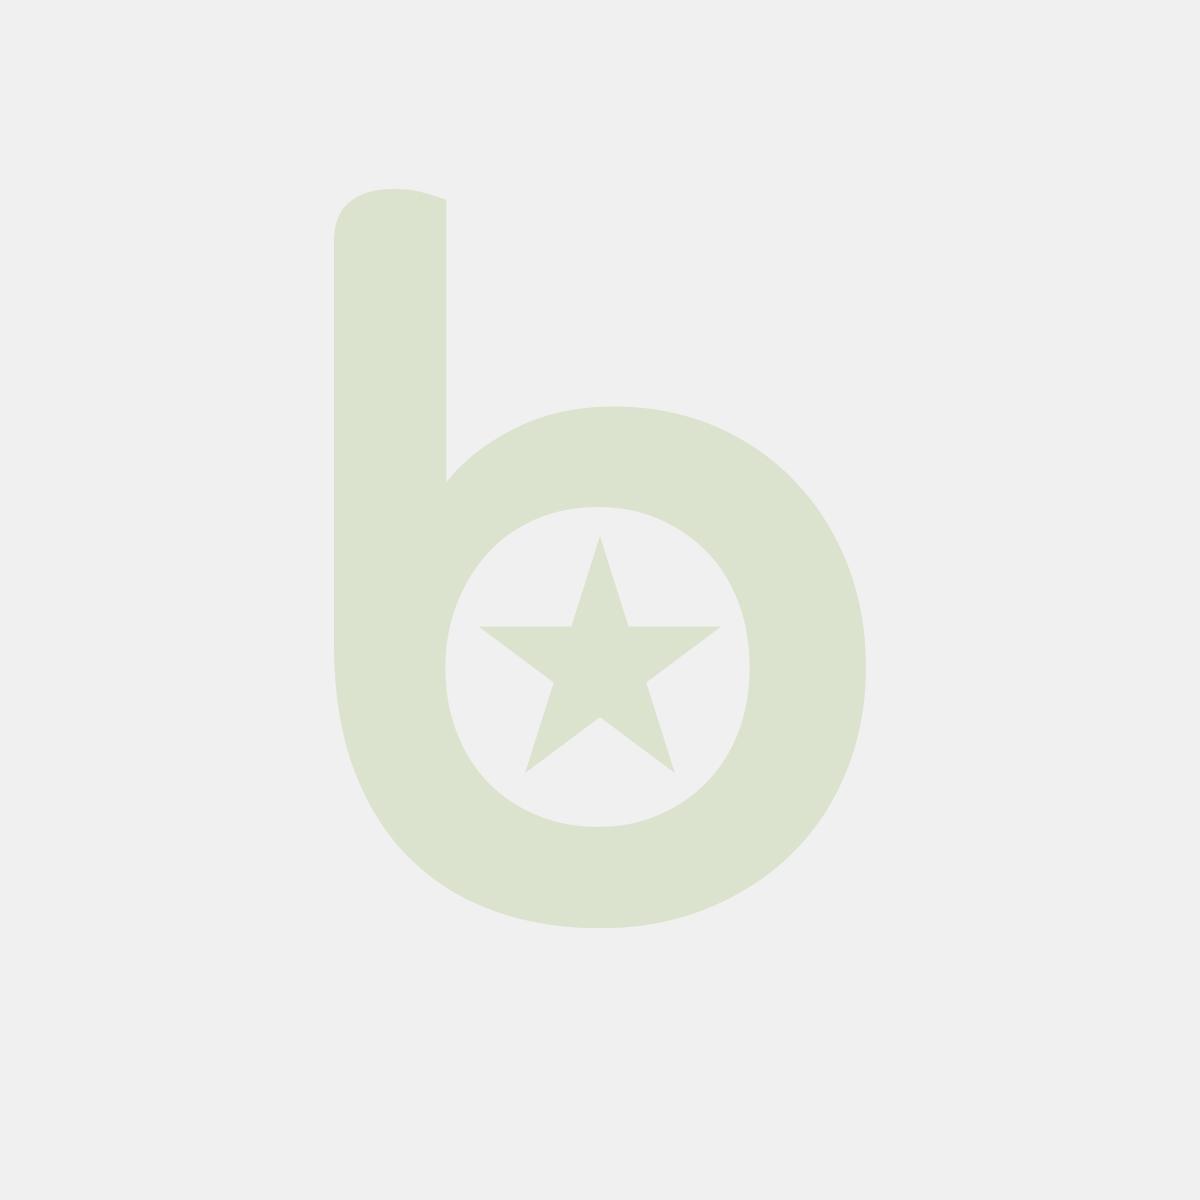 Nakładka na ruszt kuchenny 255x255x25 (h)